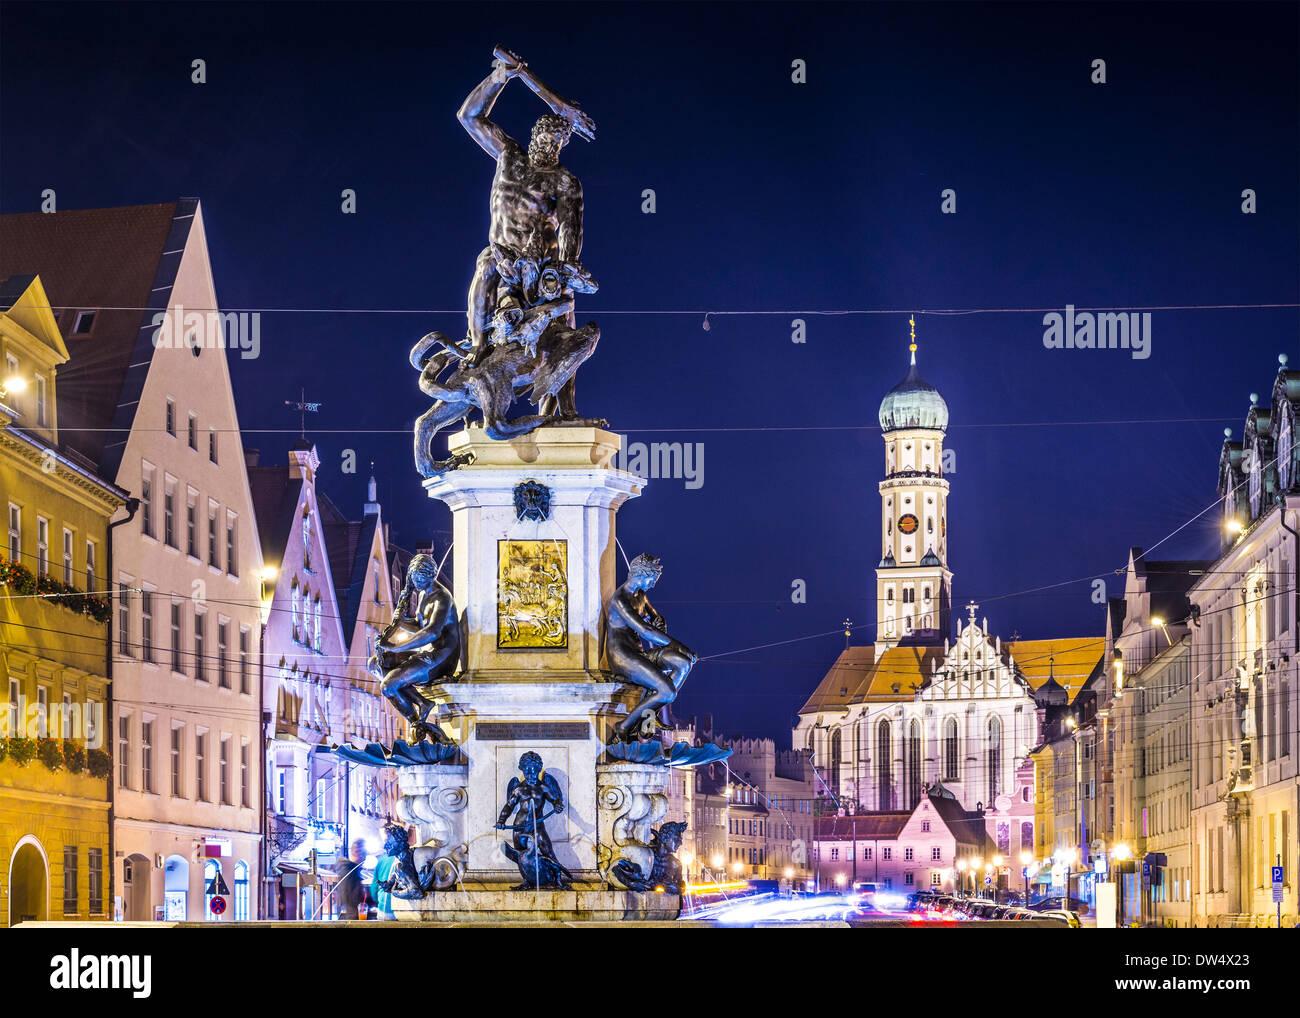 Augsburg, Deutschland Stadtbild auf der Maximilianstraße. Stockbild